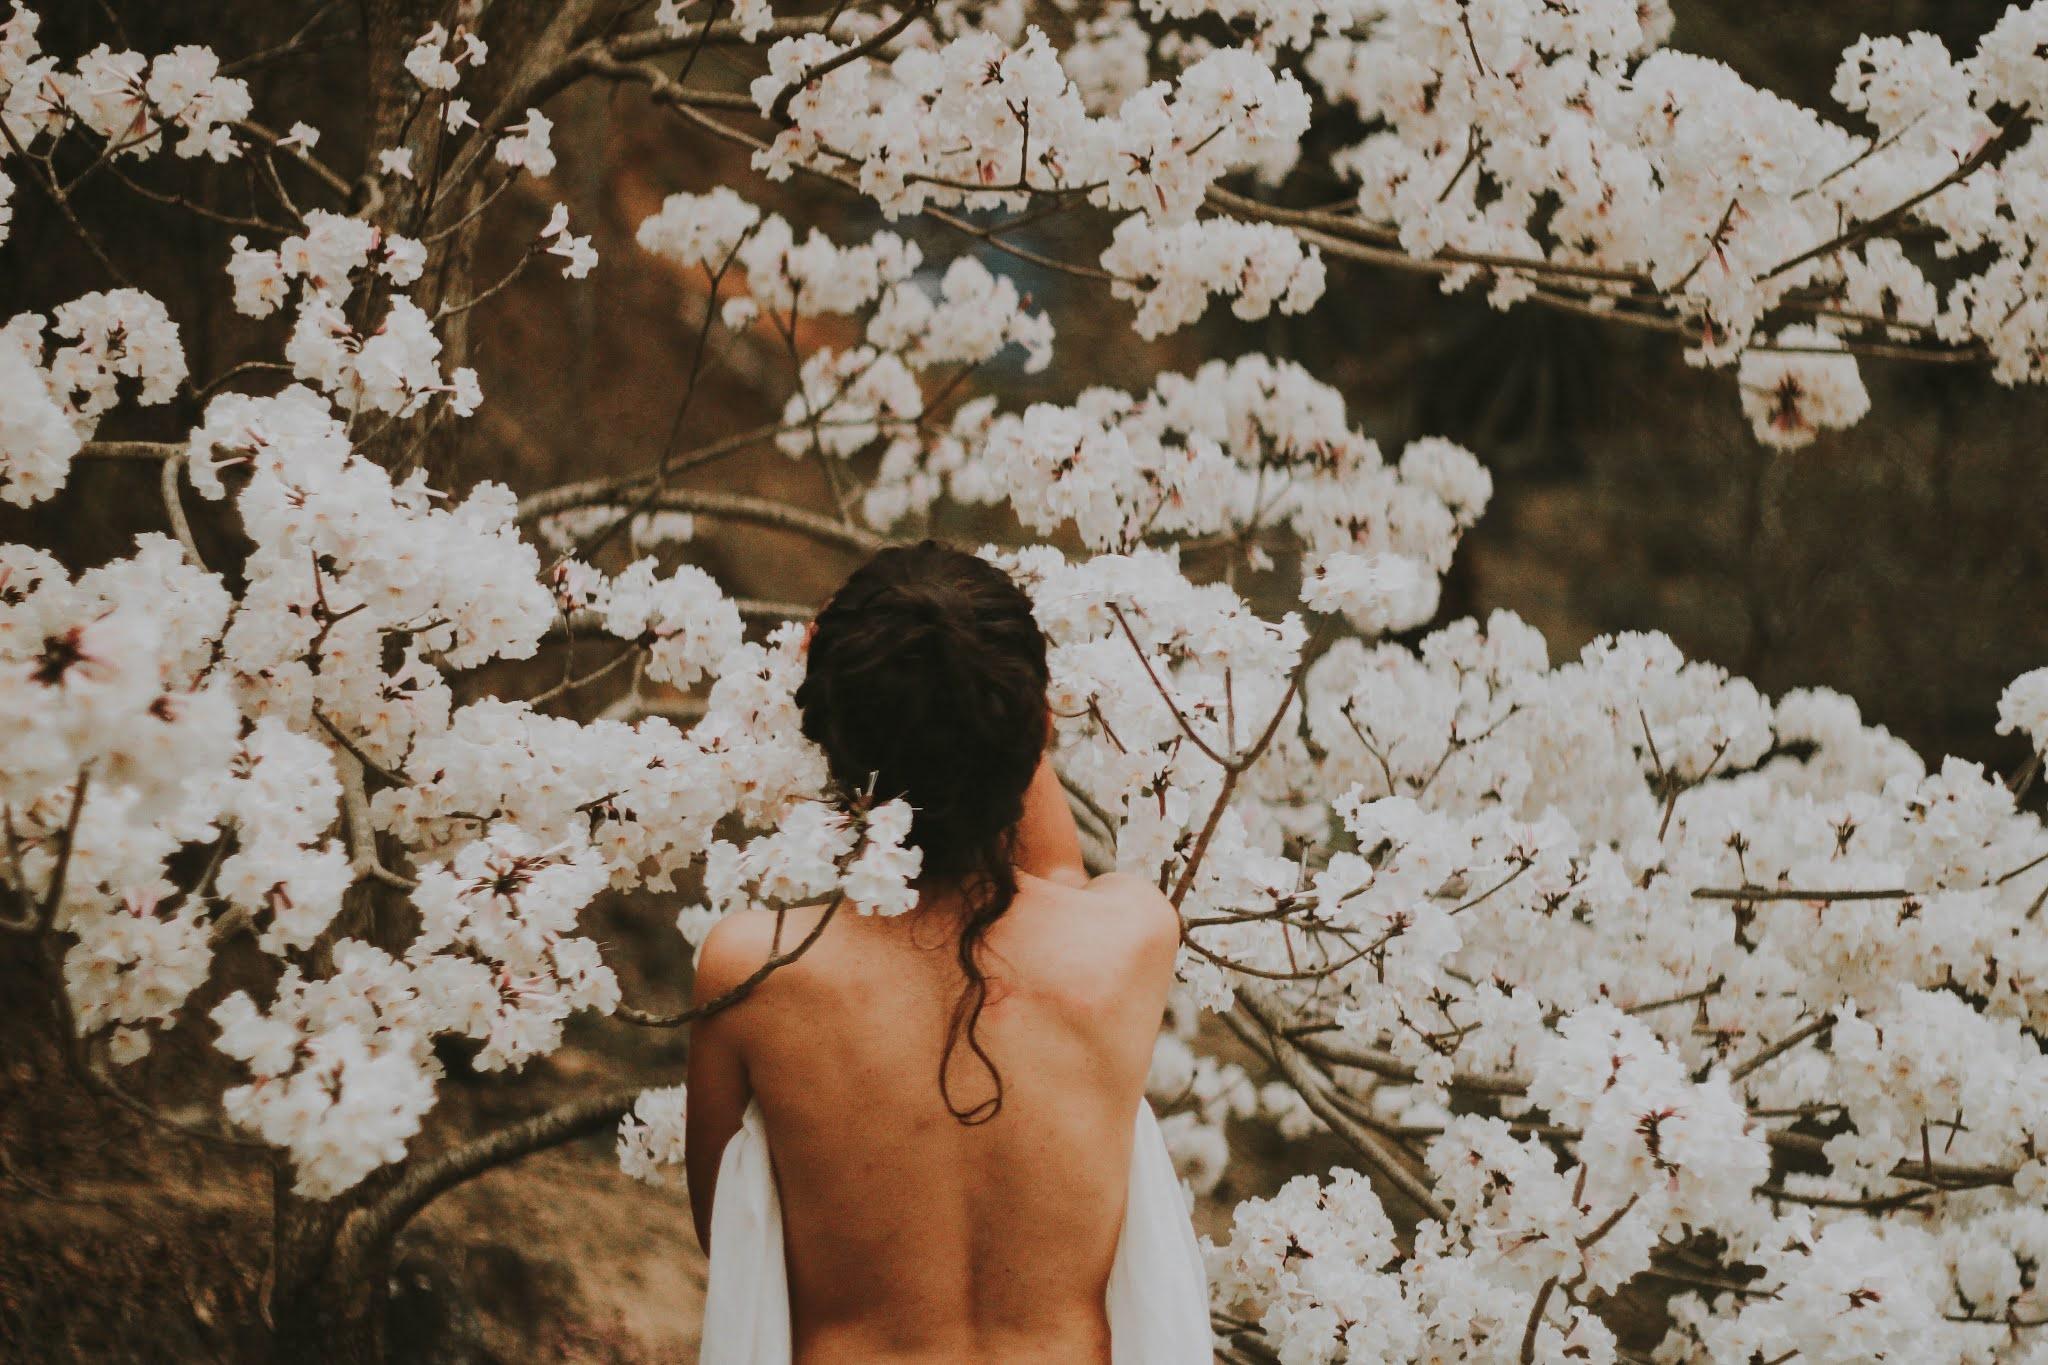 ragazza schiena scoperta albero in fiore